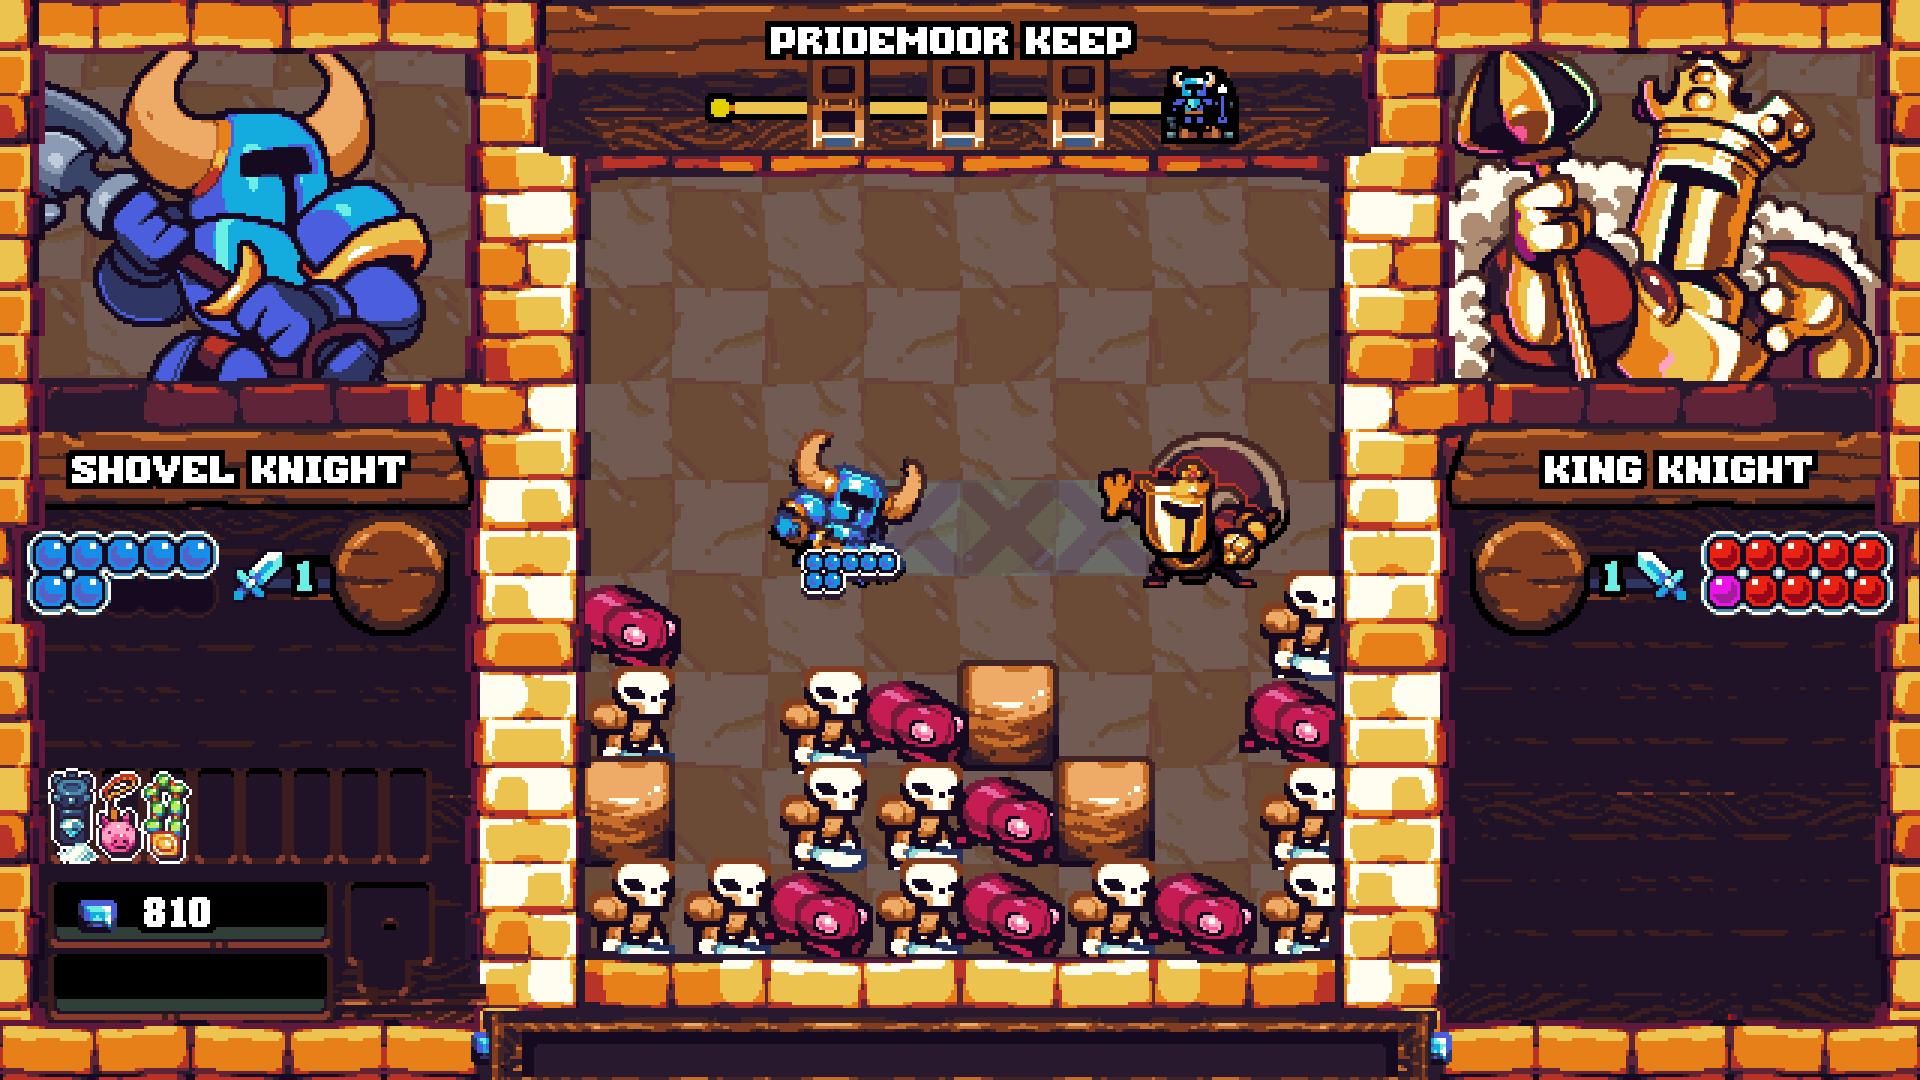 《铲子骑士》系列新作正式公布  玩法类似俄罗斯方块